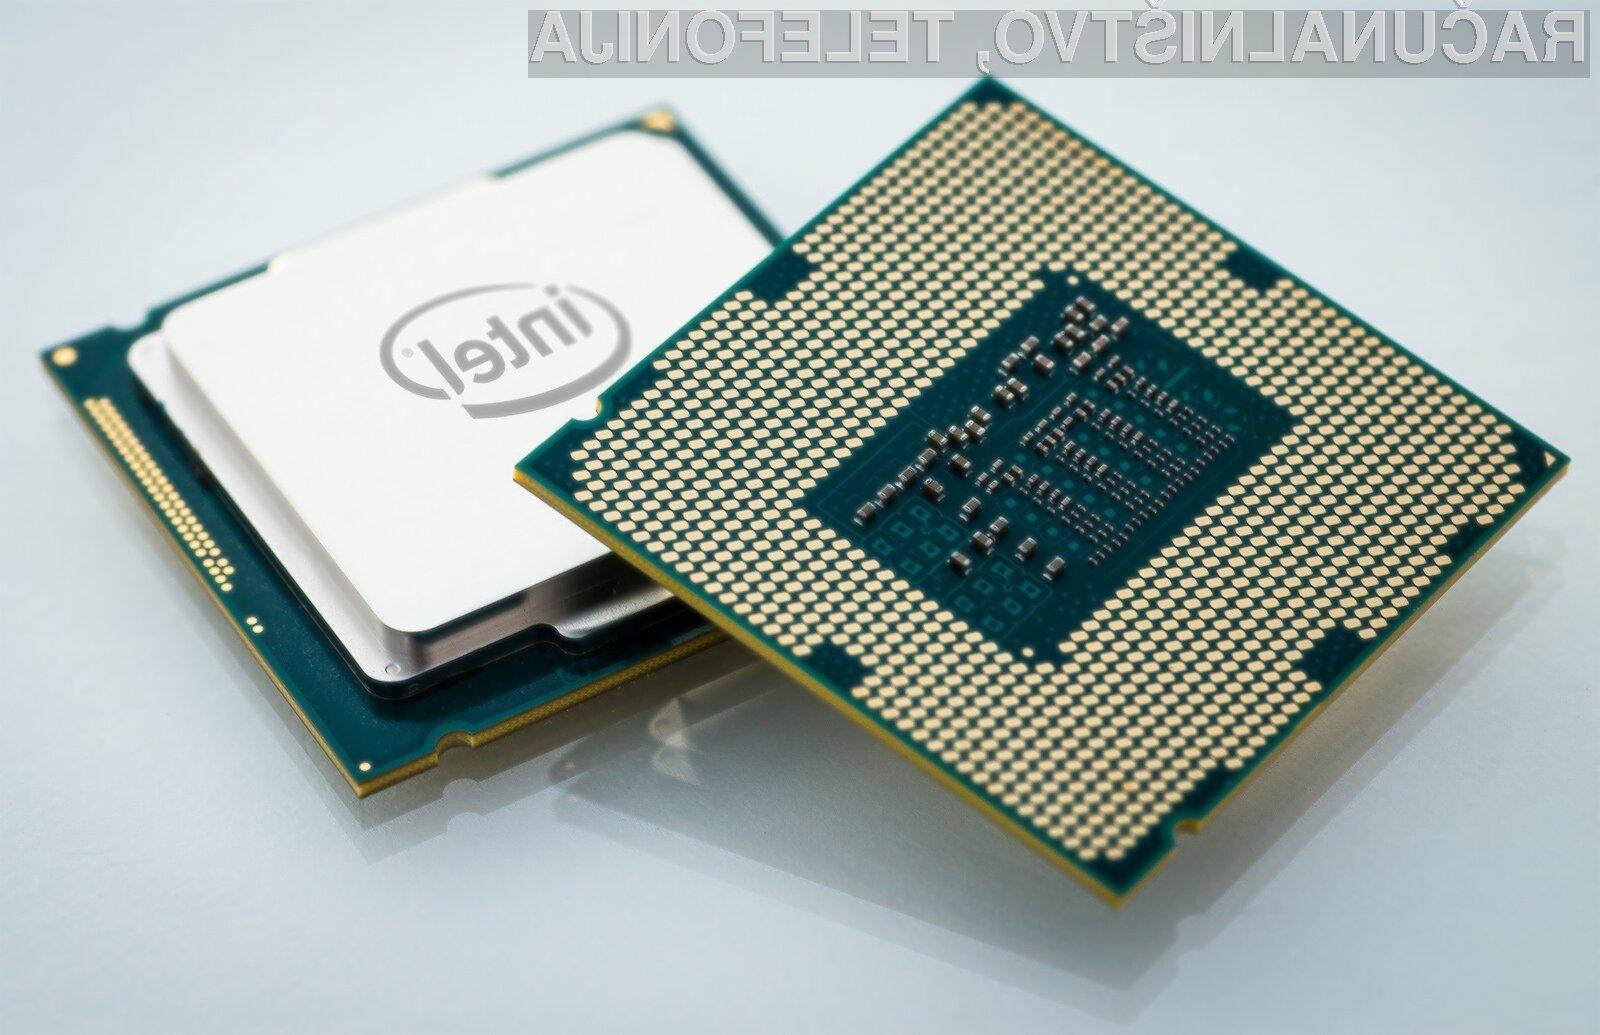 Superzmogljivi procesorji Intel Broadwell-E naj bi bili naprodaj še pred začetkom poletja!